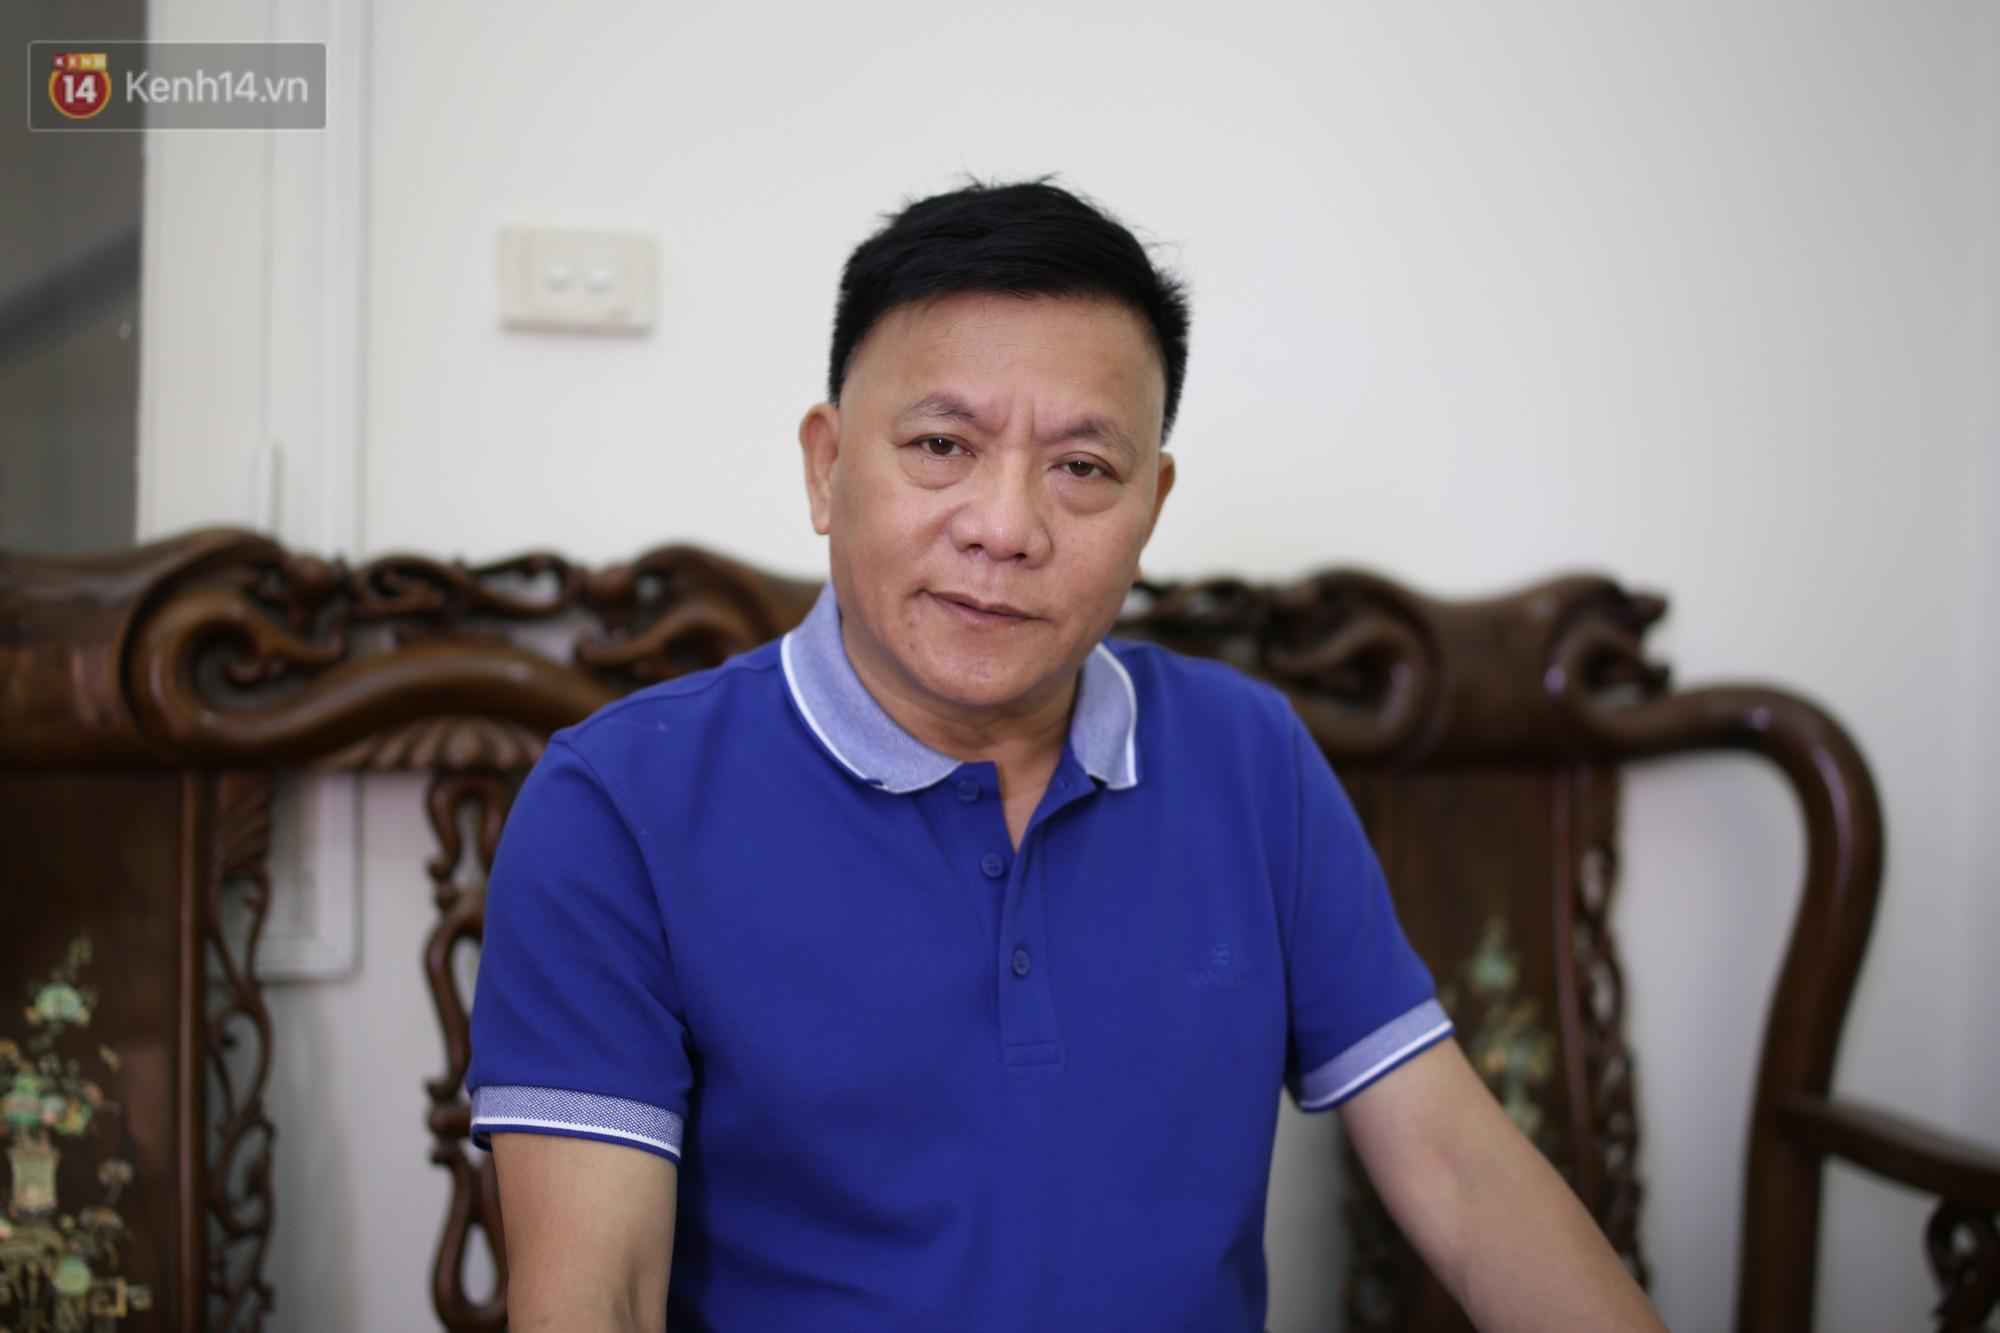 Những lần nghệ sĩ Việt gặp tai nạn hi hữu khi đi diễn tại quán bar - Ảnh 7.